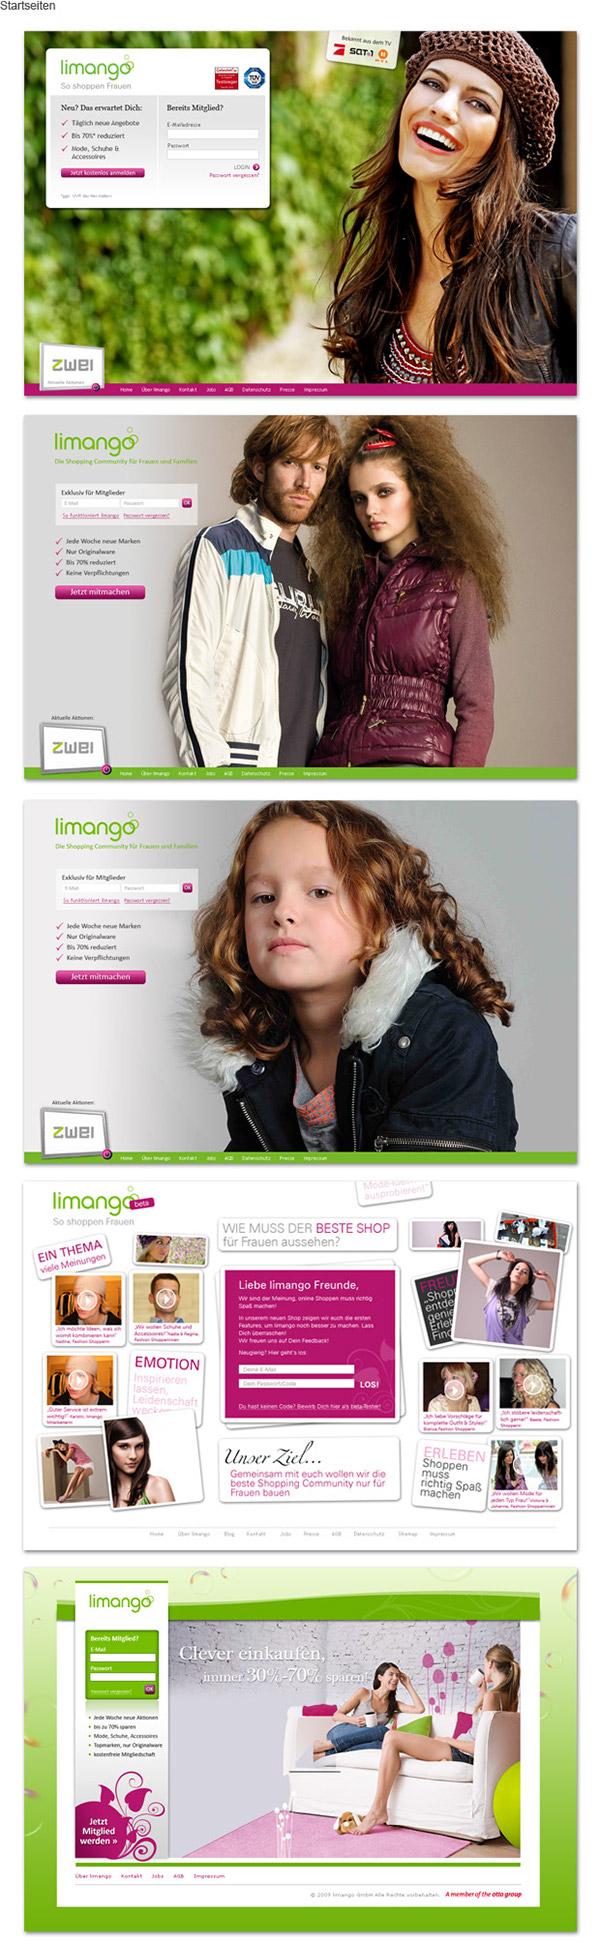 limango shopping community